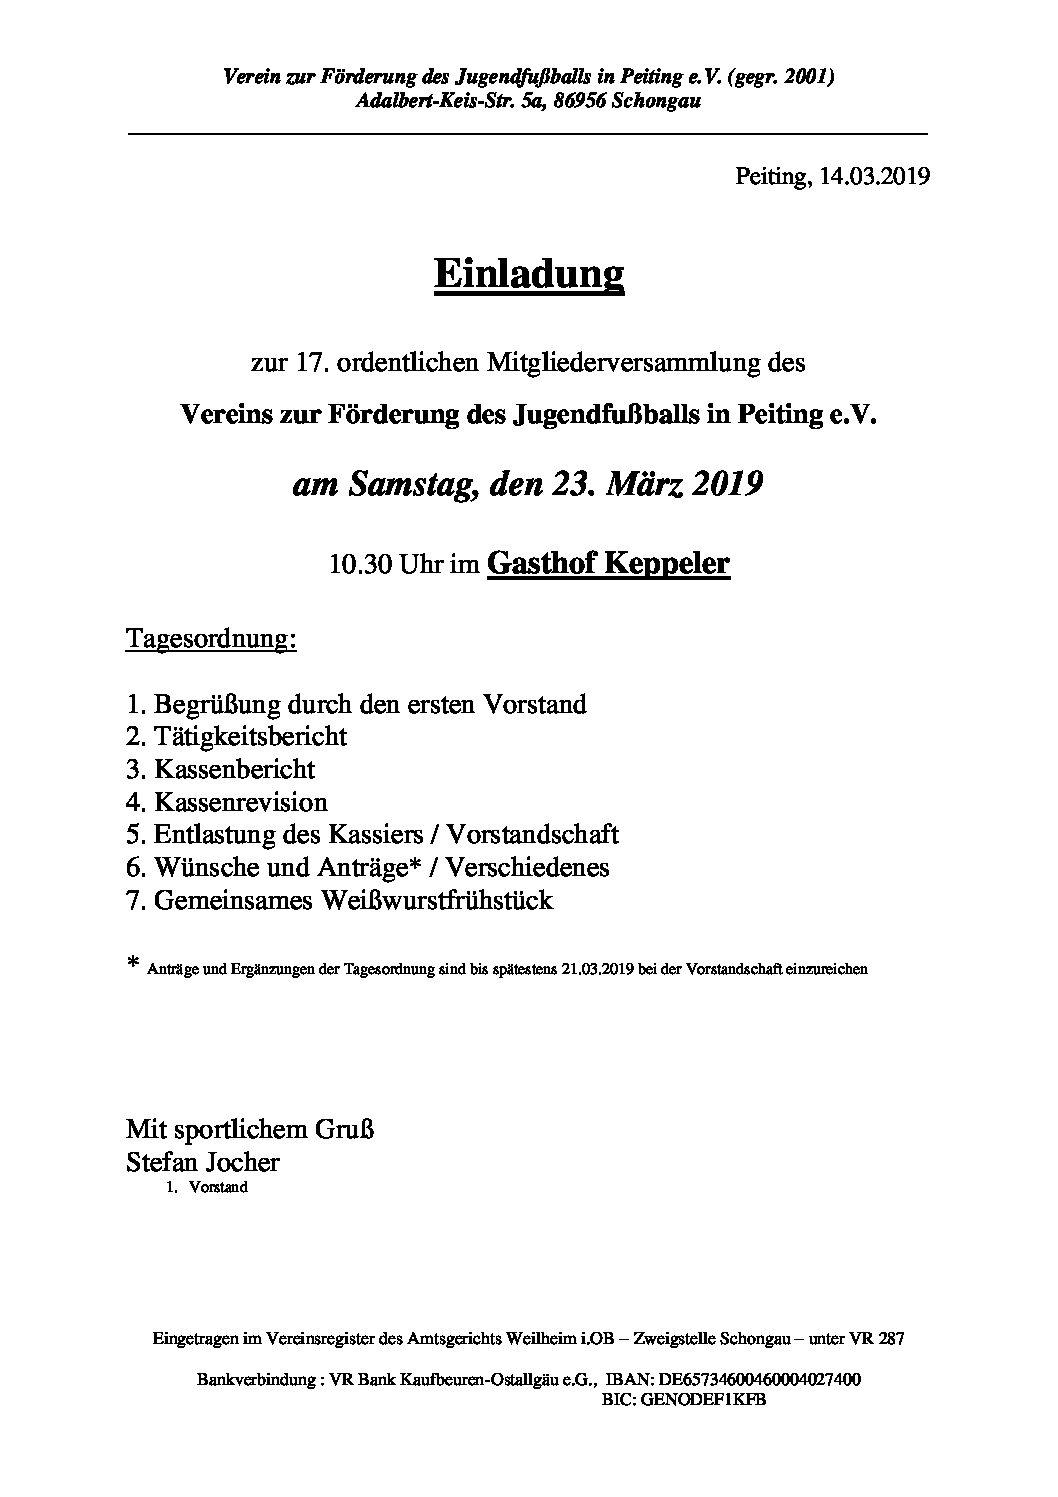 Einladung zur Mitgliederversammlung des Jugendfördervereins